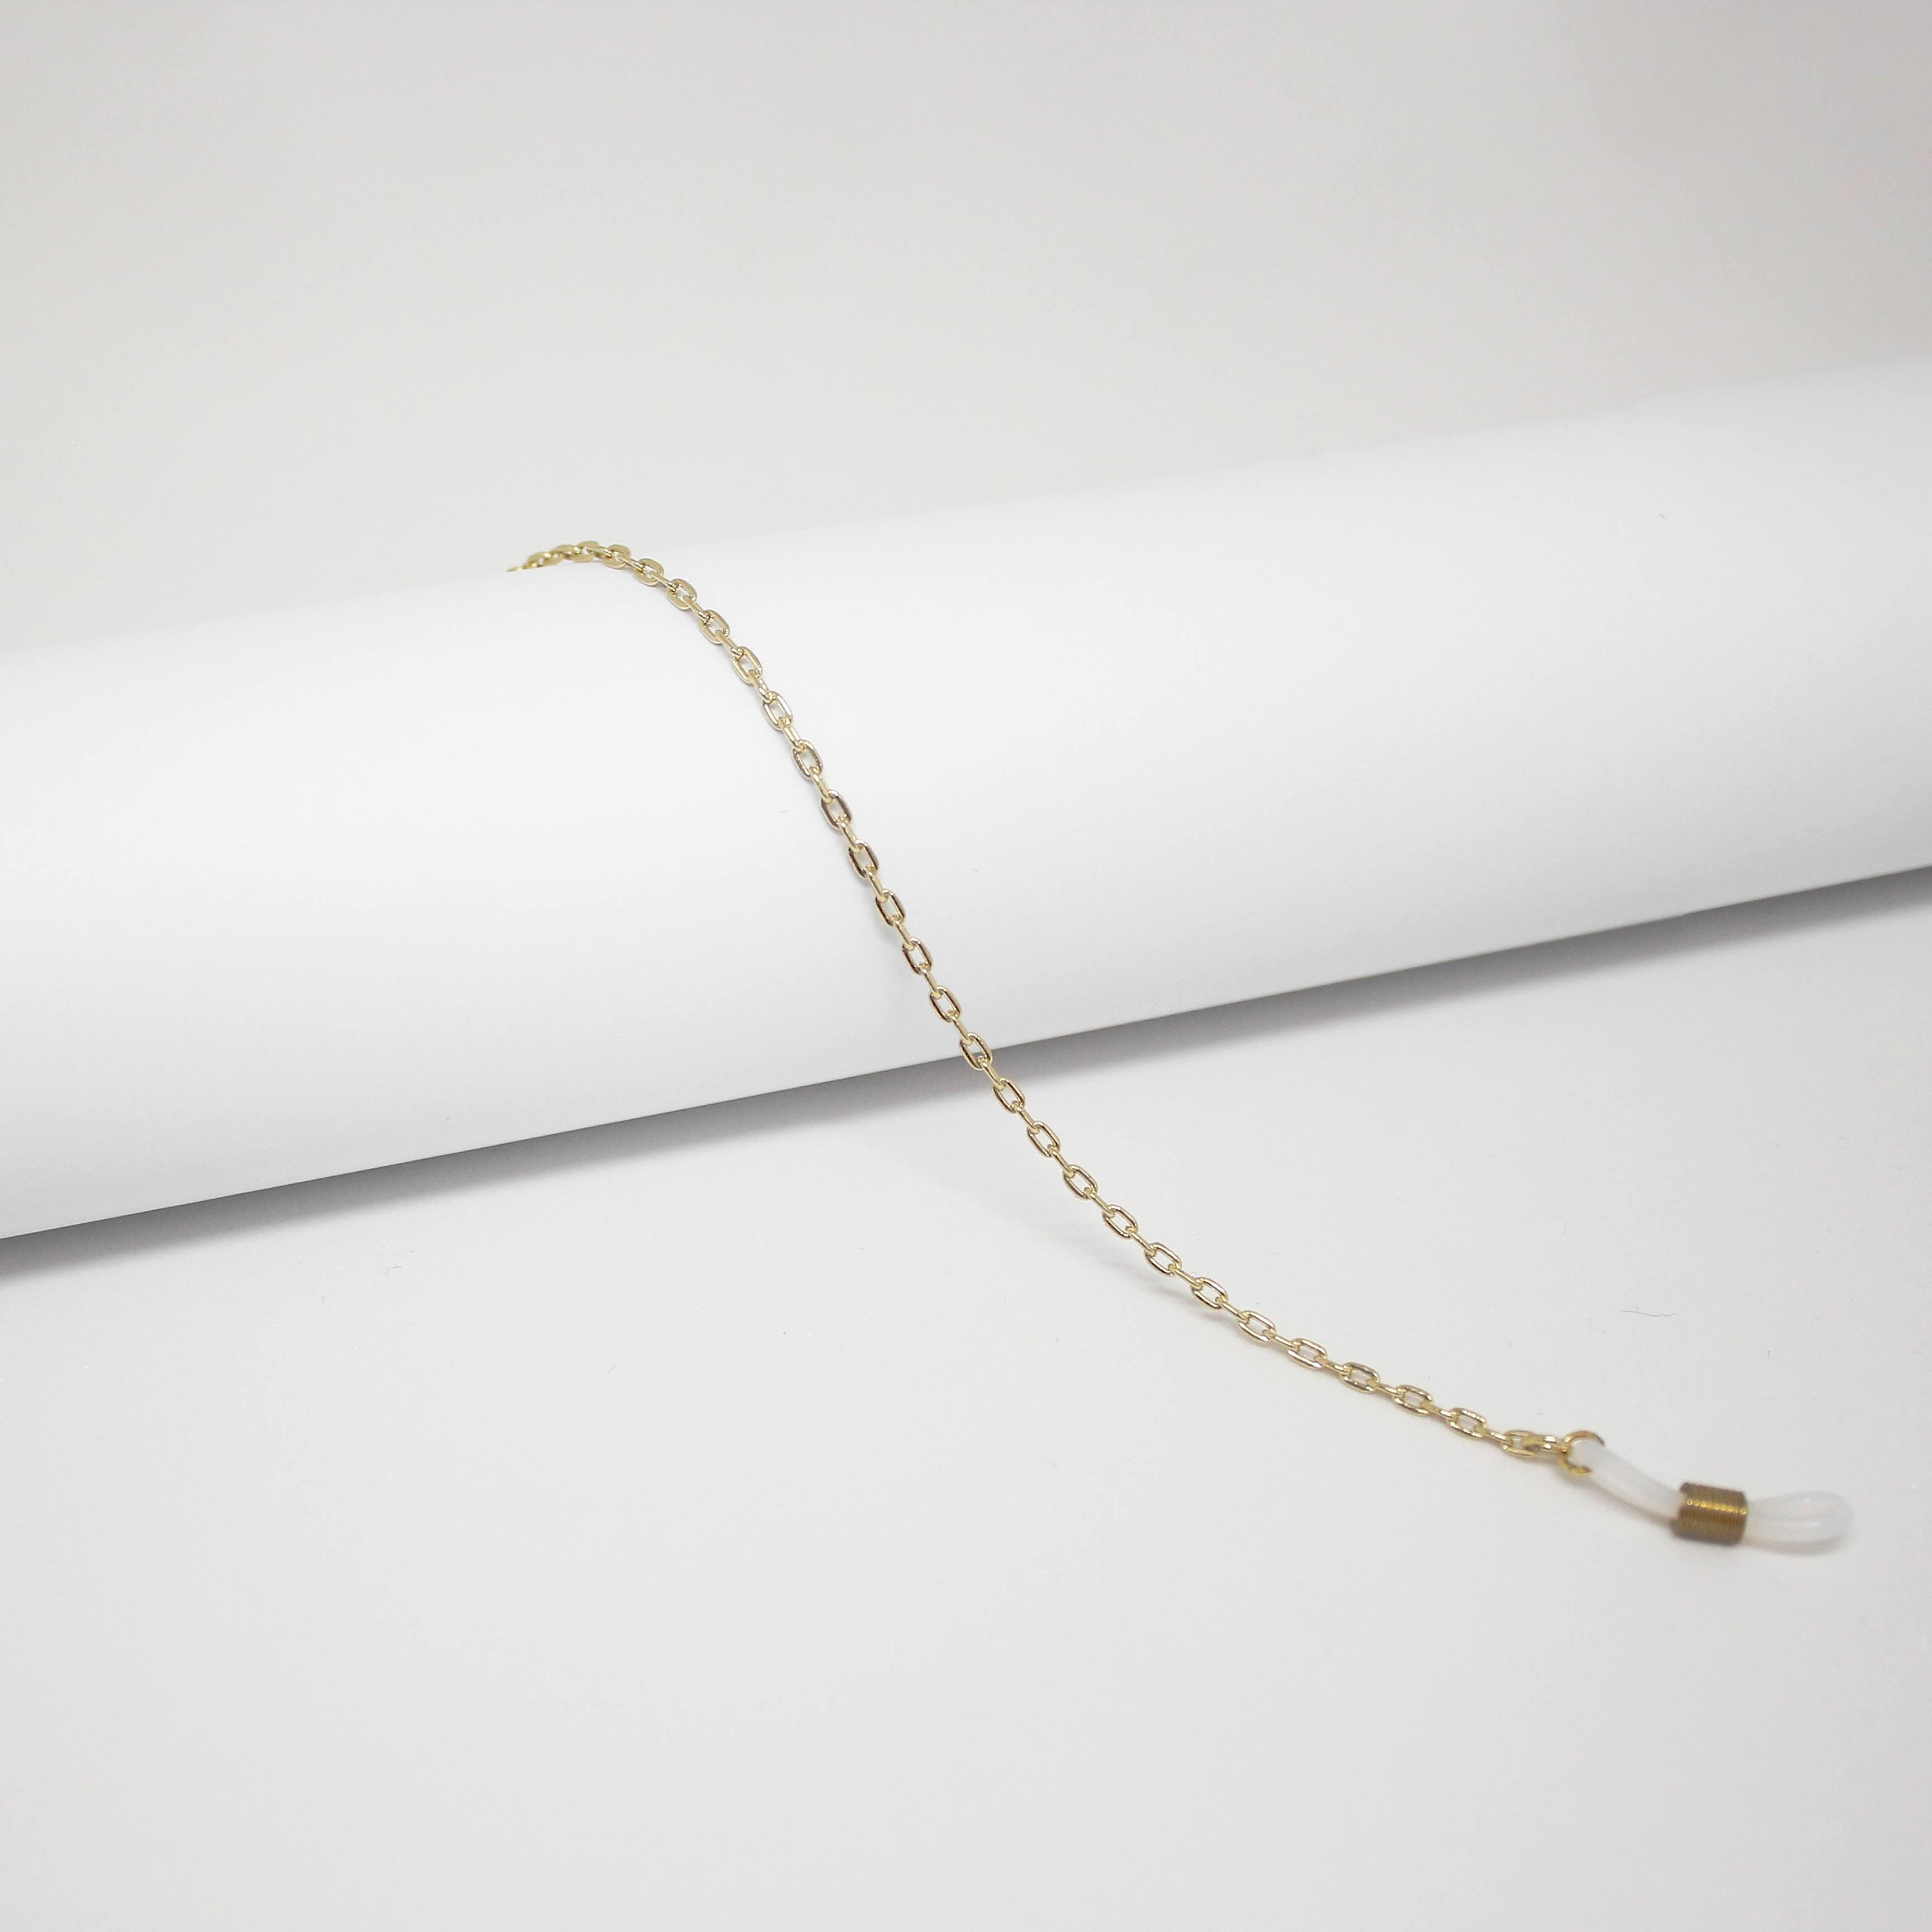 1607691 - Corrente Cartier Quadrado Ouro - Contém 3 Peças